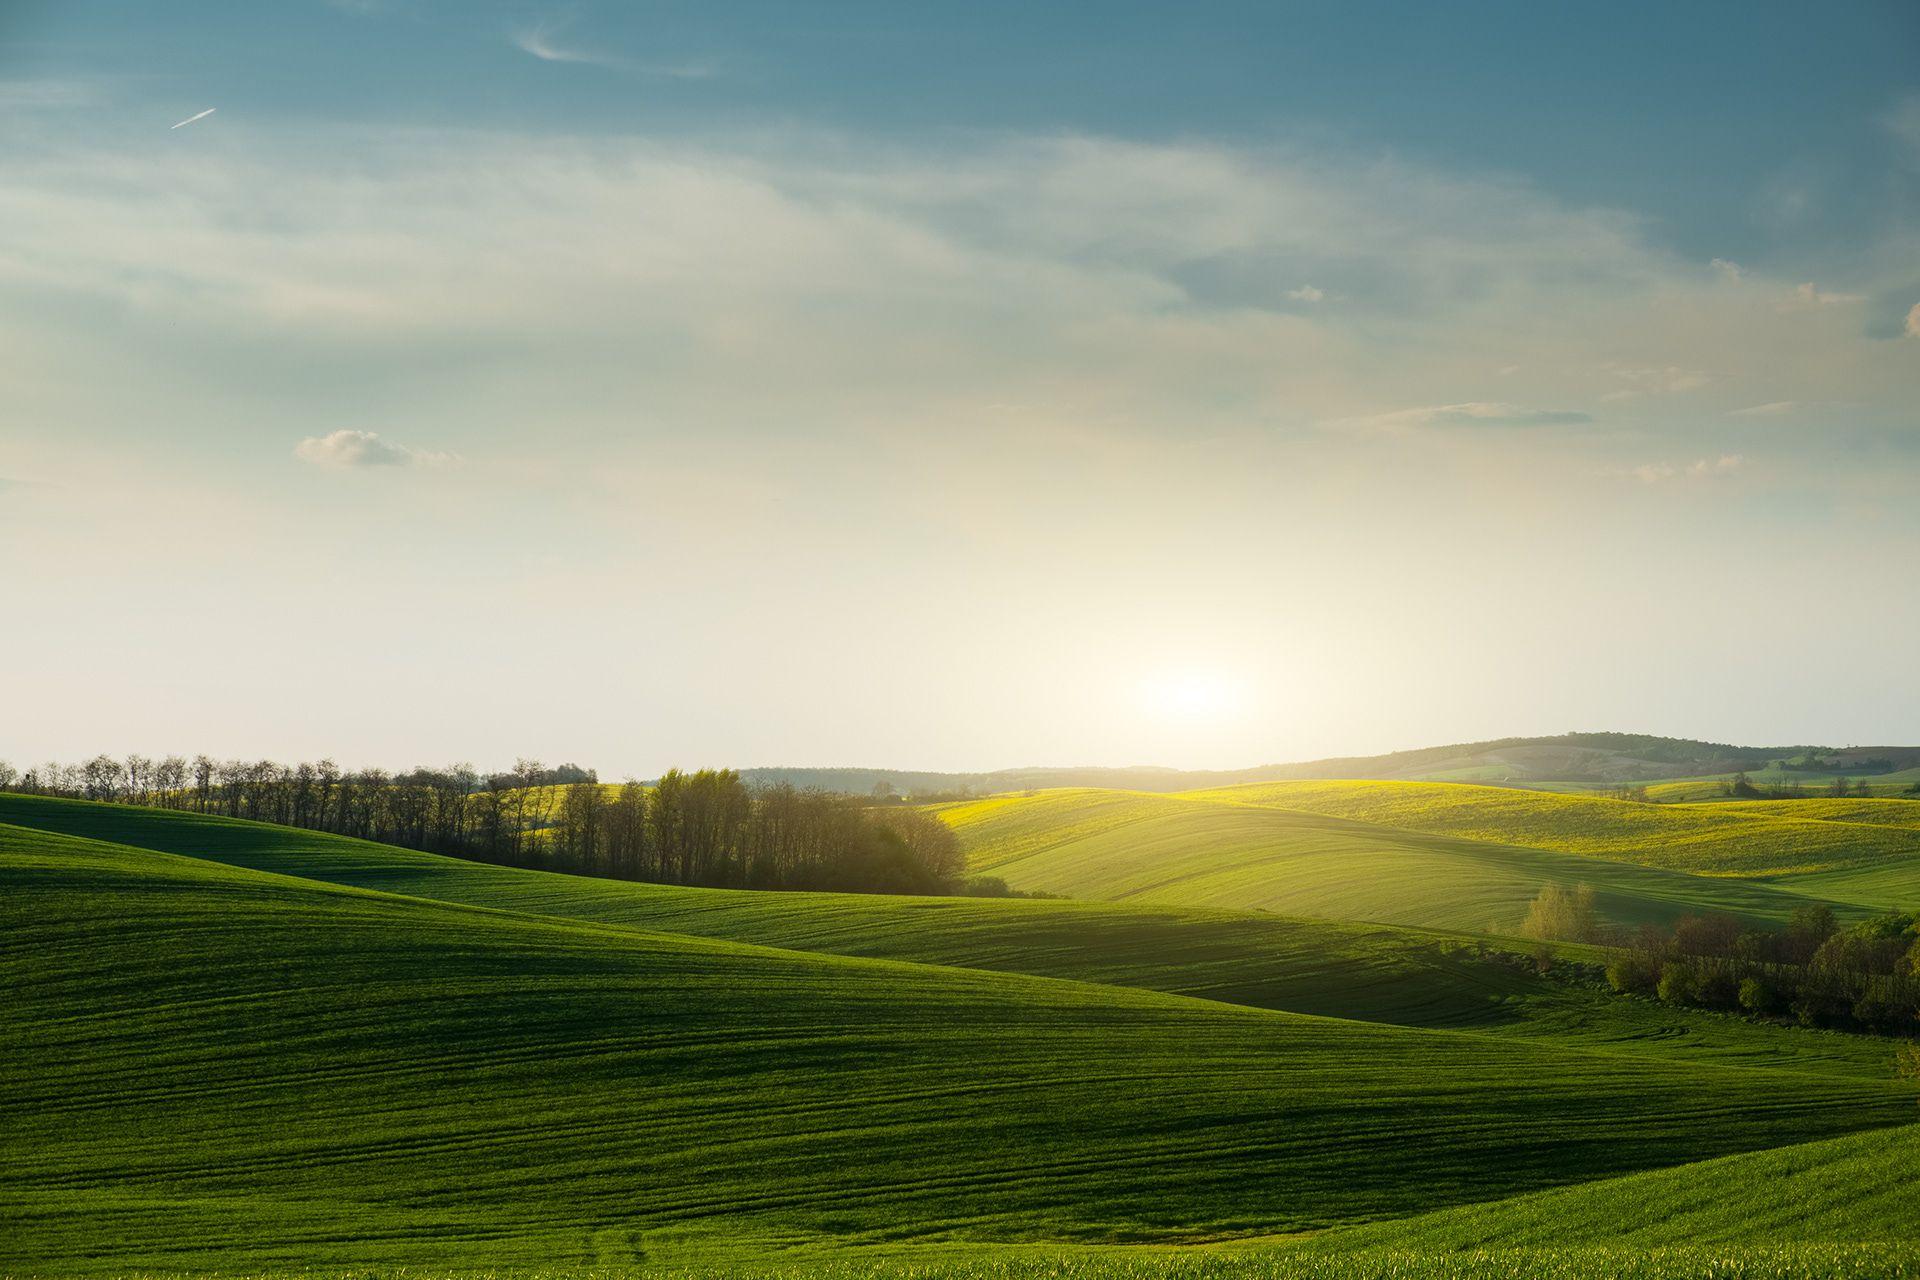 Rural Landscapes On Behance Landscape Landscape Photography Rural Landscape